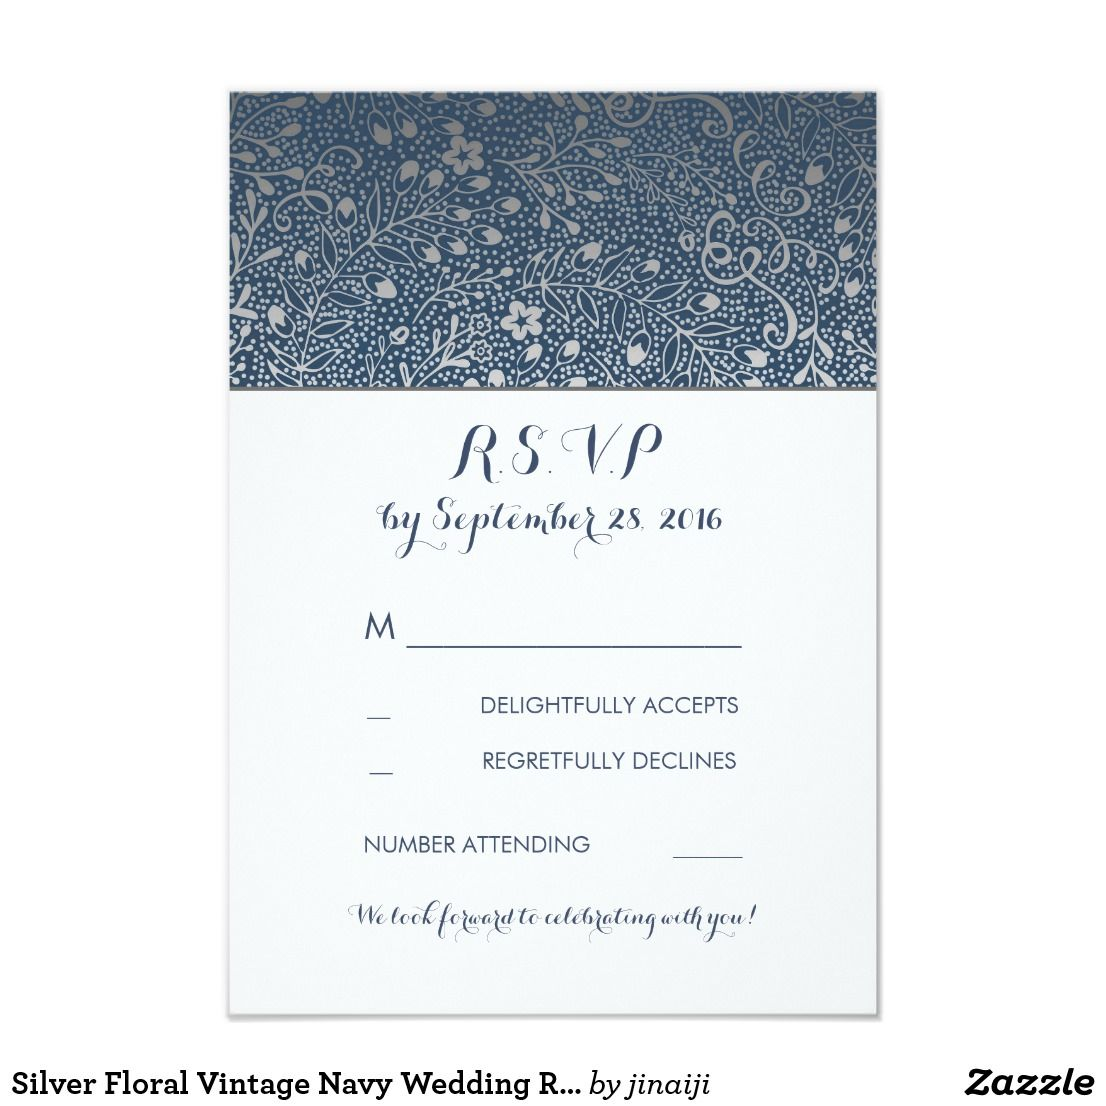 Silver Floral Vintage Navy Wedding RSVP Cards | Vintage Wedding ...